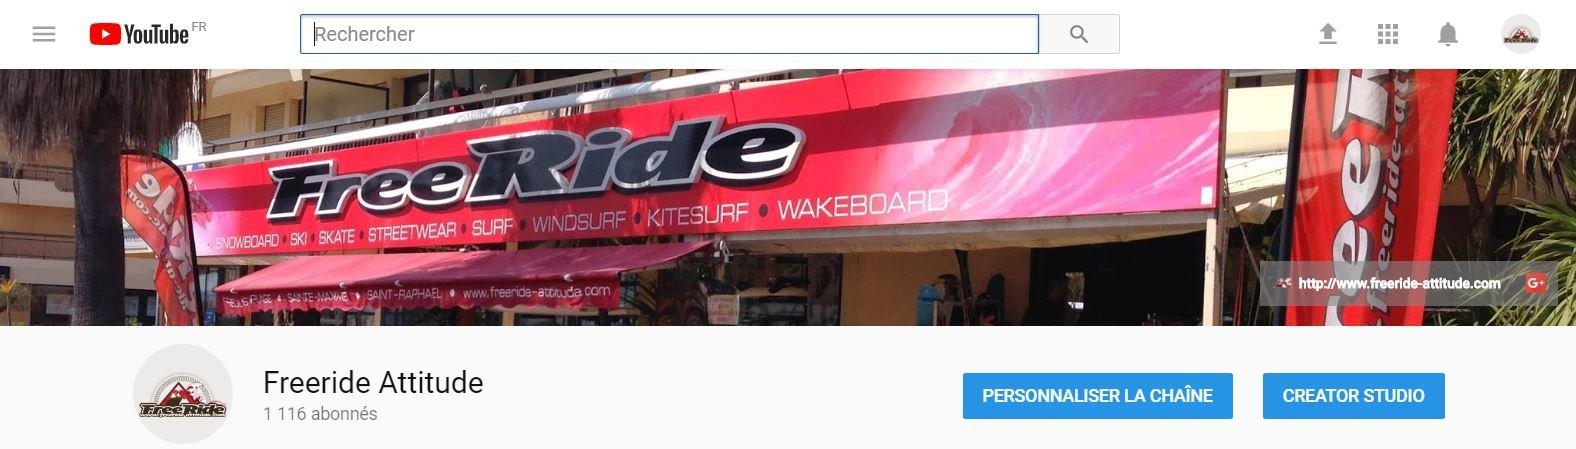 Chaine Youtube Freeride Attitude